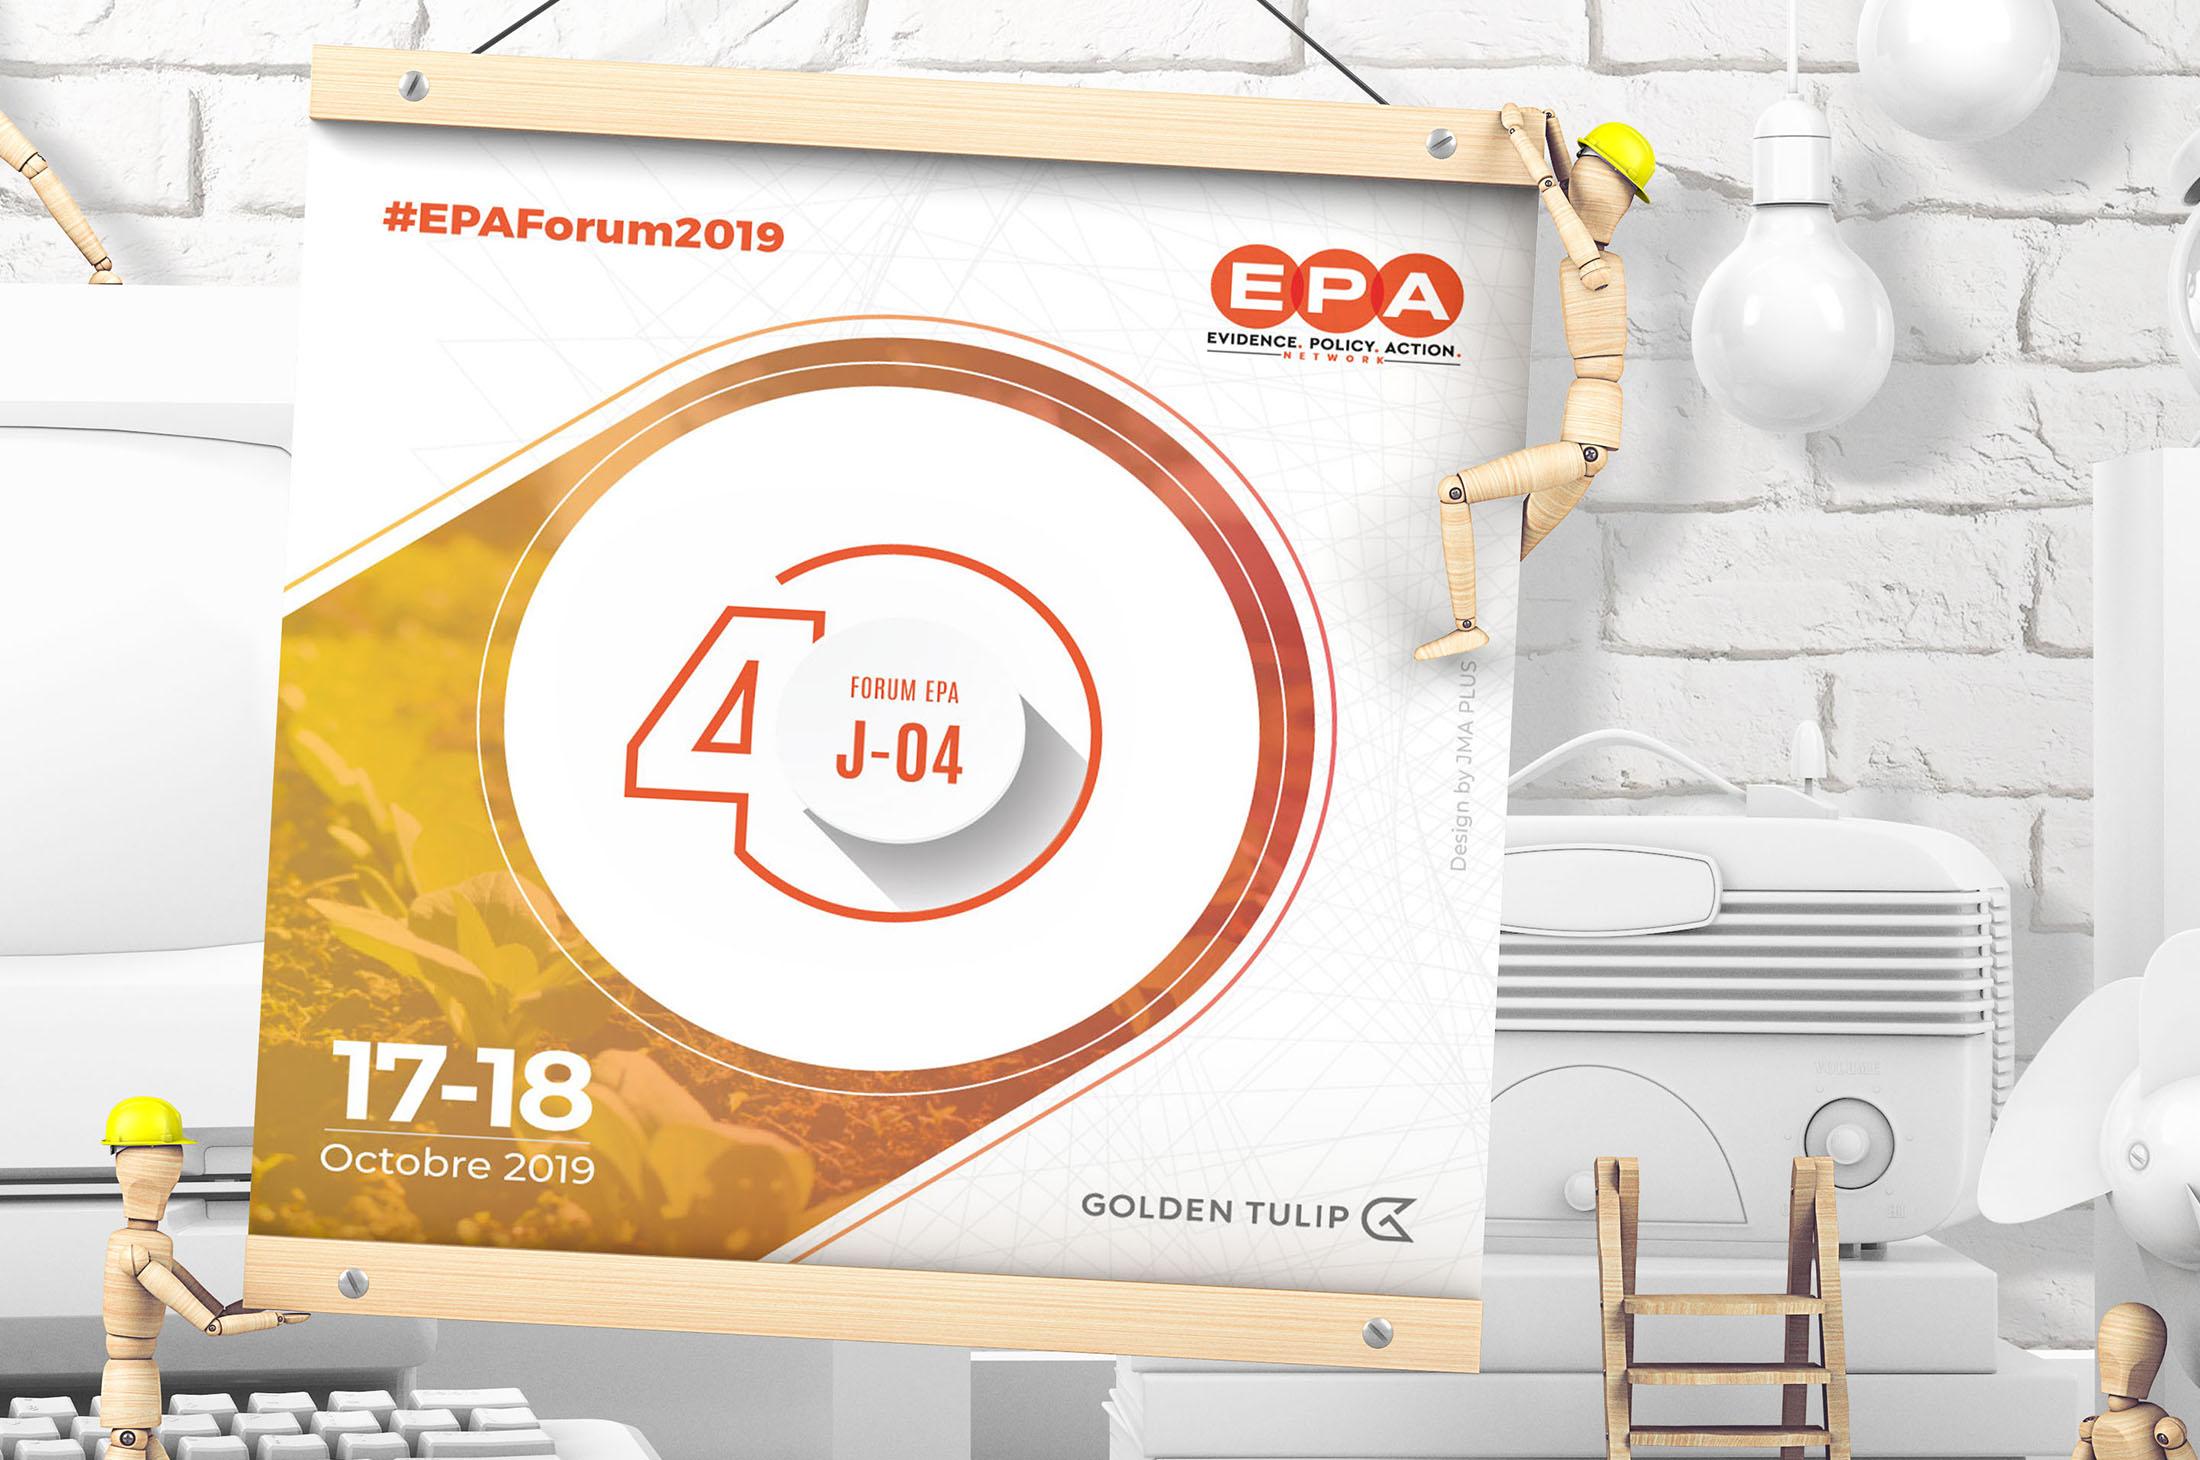 EPA 5